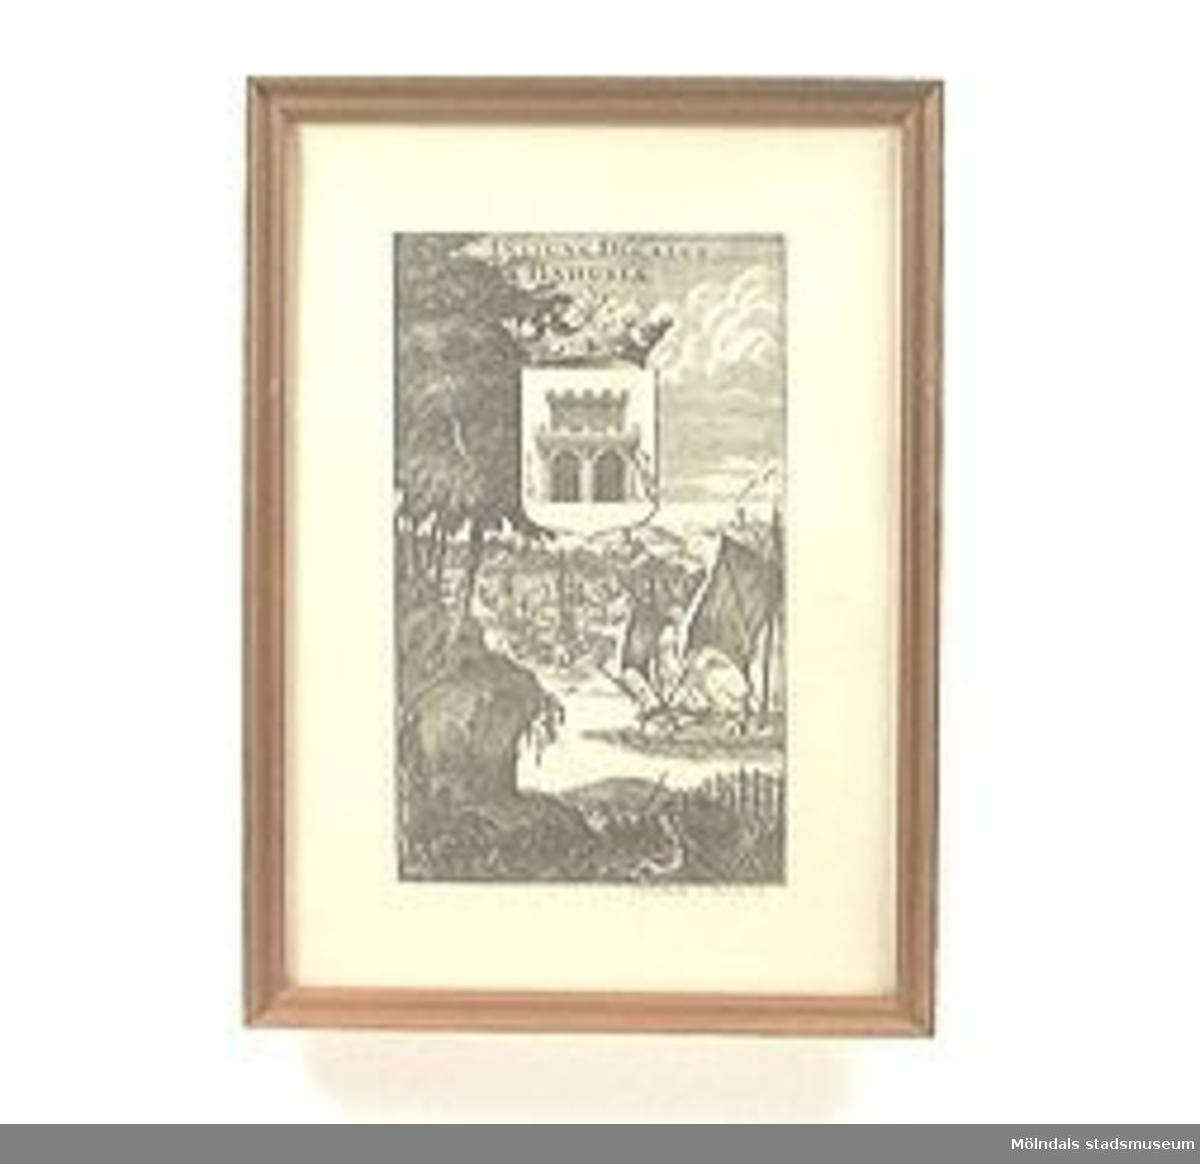 Inglasat motiv i träram. svartvitt tryck efter etsning. Motivet föreställer en hamn och en borg i bakgrunden, höga träd och snåriga rötter i förgrunden. I mitten av bilden ett vapen med lejon och krona över. Inskrift på bilden i latin: INSIGNE DUCATUS BAHUSIAE.MM02441 och MM02442 verkar höra till samma serie.